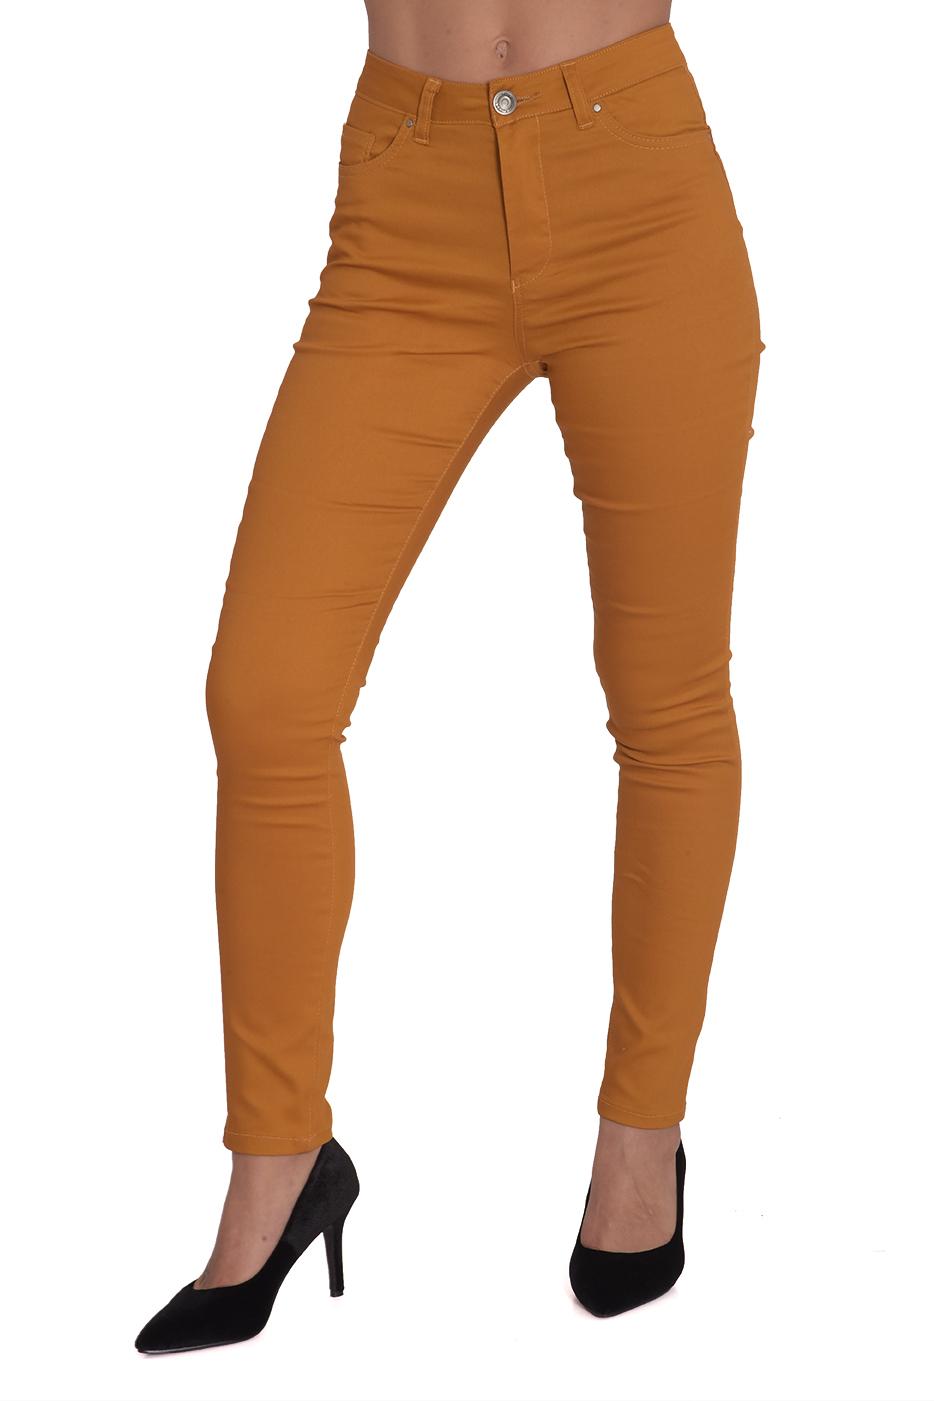 מכנס אורטל חרדל